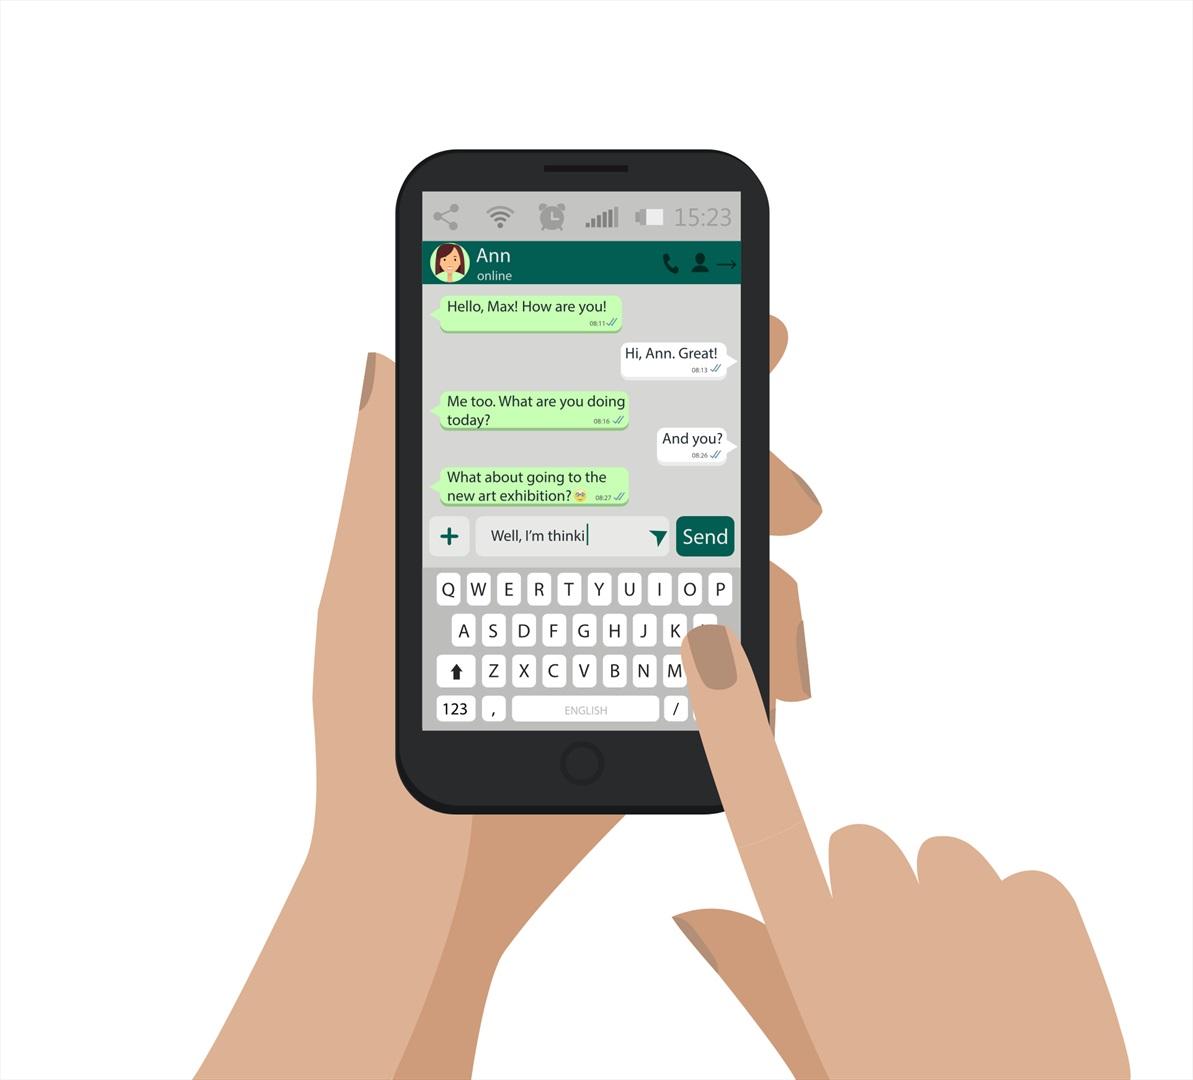 Oltre il 70% dei dipendenti utilizza WhatsApp per condividere dati sensibili e informazioni critiche dell'azienda